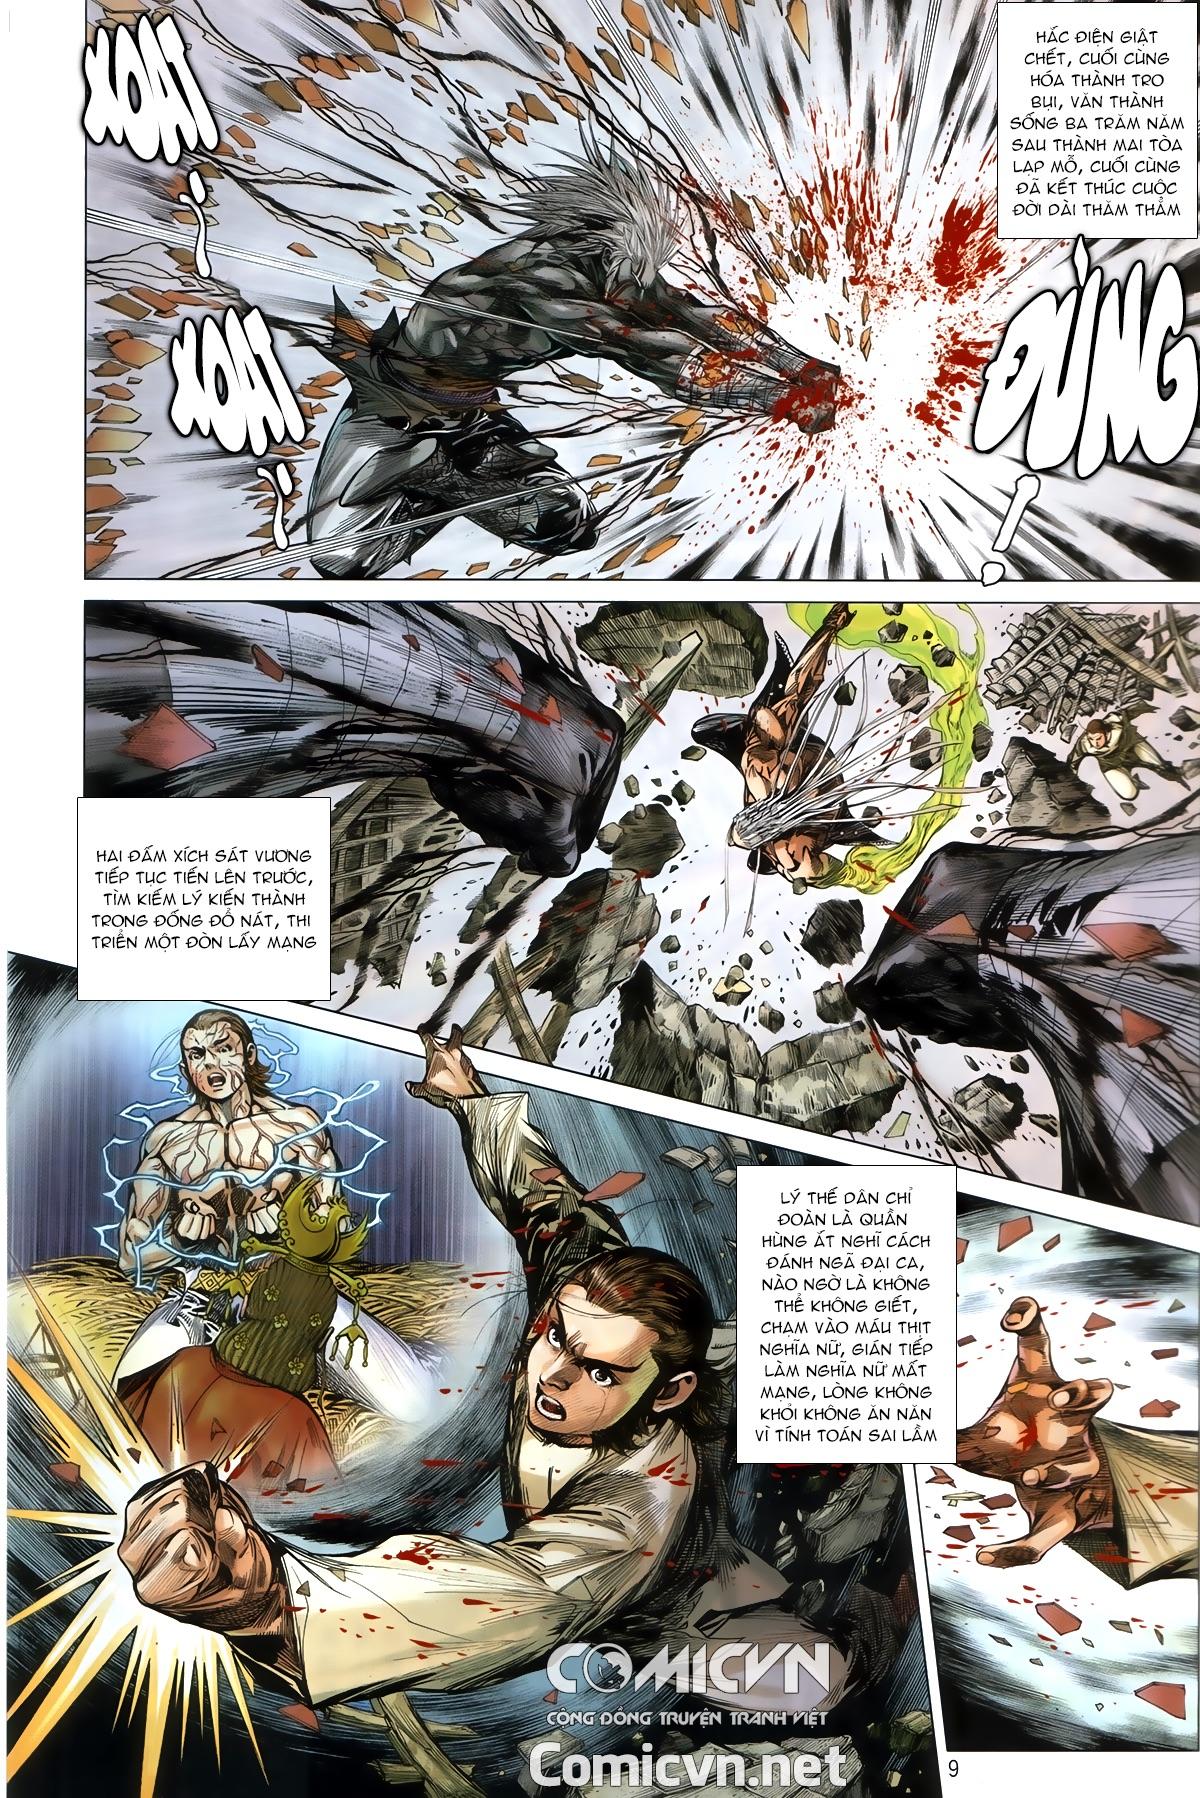 Thiết Tướng Tung Hoành chap 245 - Trang 8